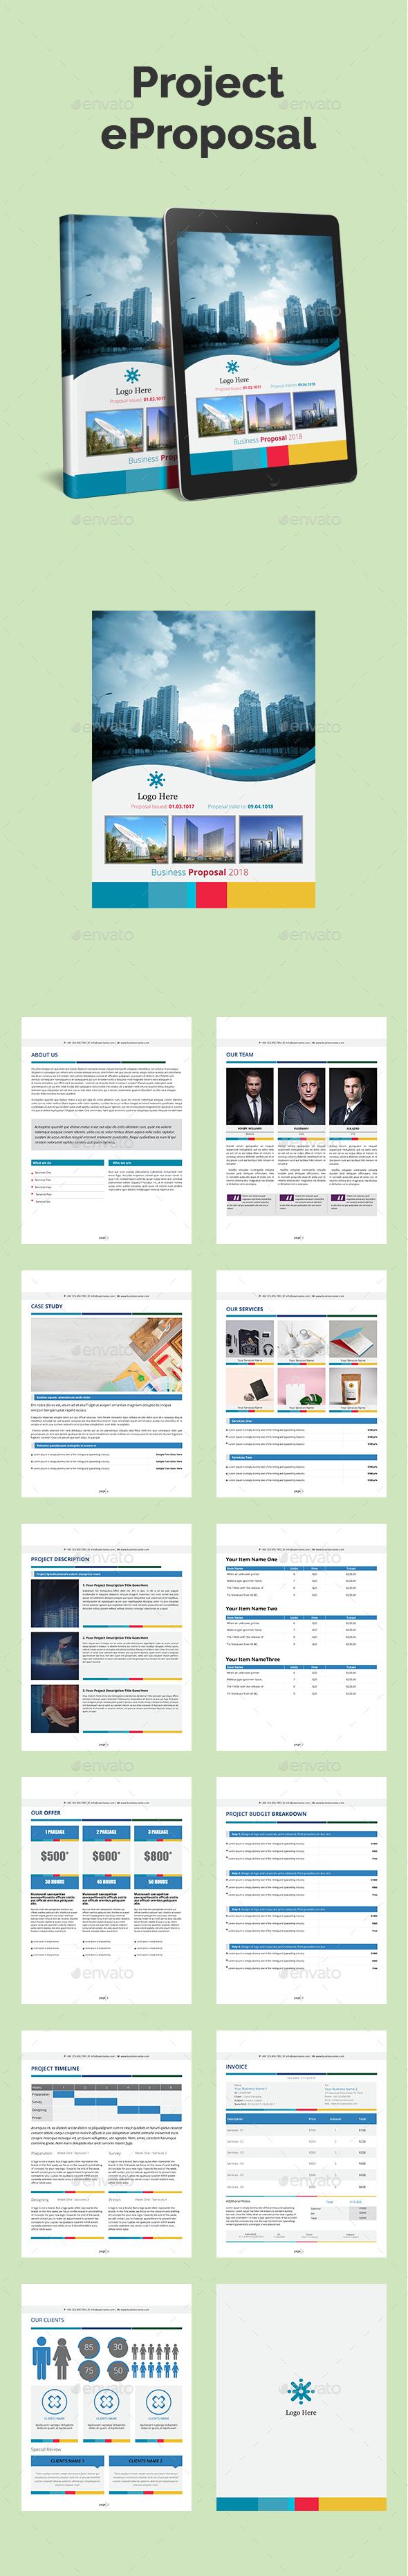 Project eProposal - ePublishing